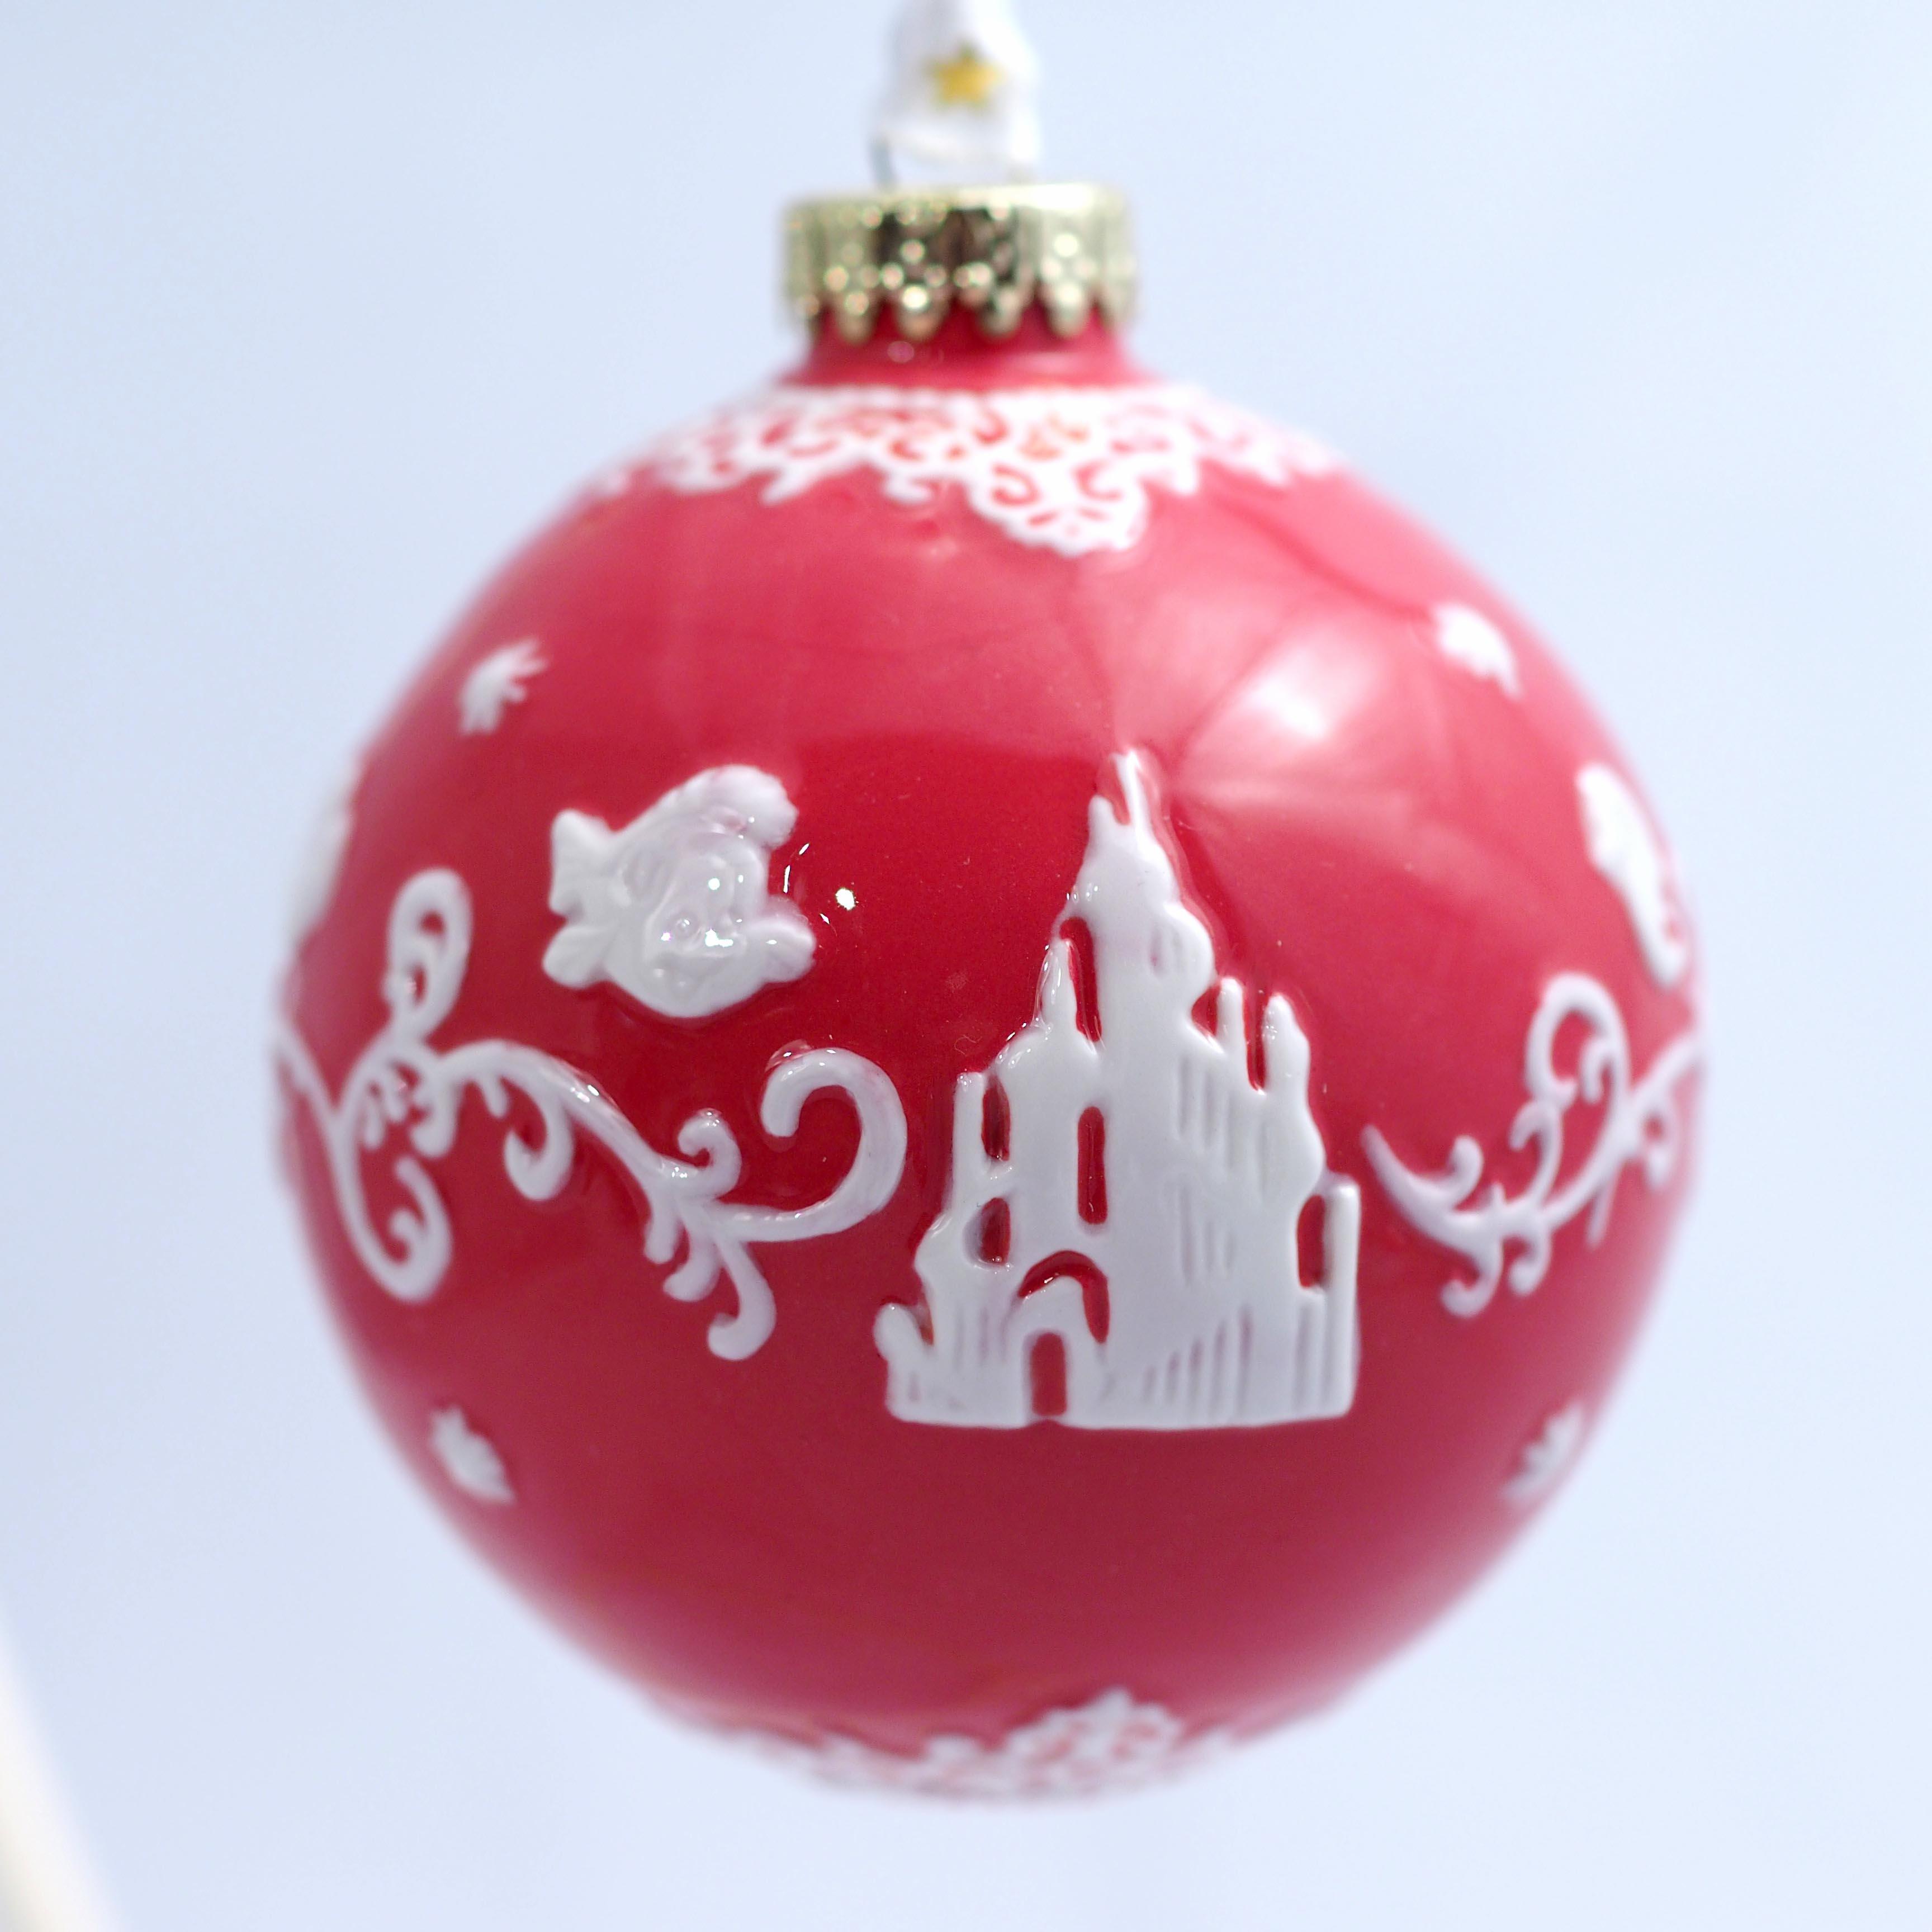 ELDPXO14002 Ariel White Ornament